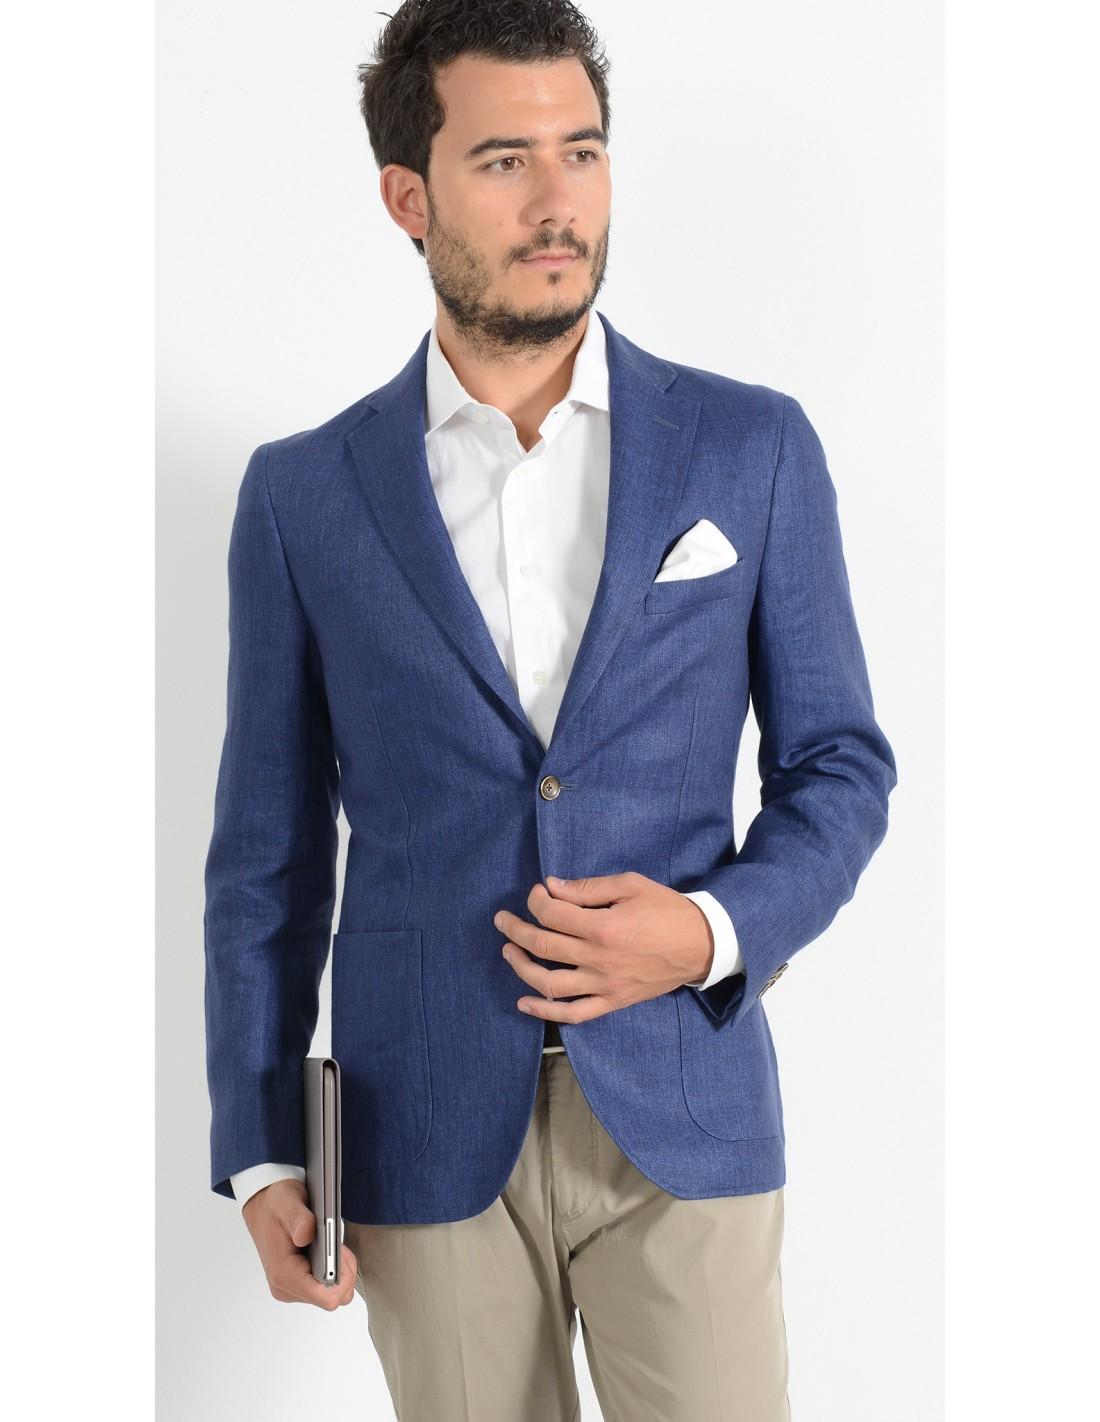 Vestito Matrimonio Uomo Blu Elettrico : Giacca blu elettrico uomo a milano gente moda